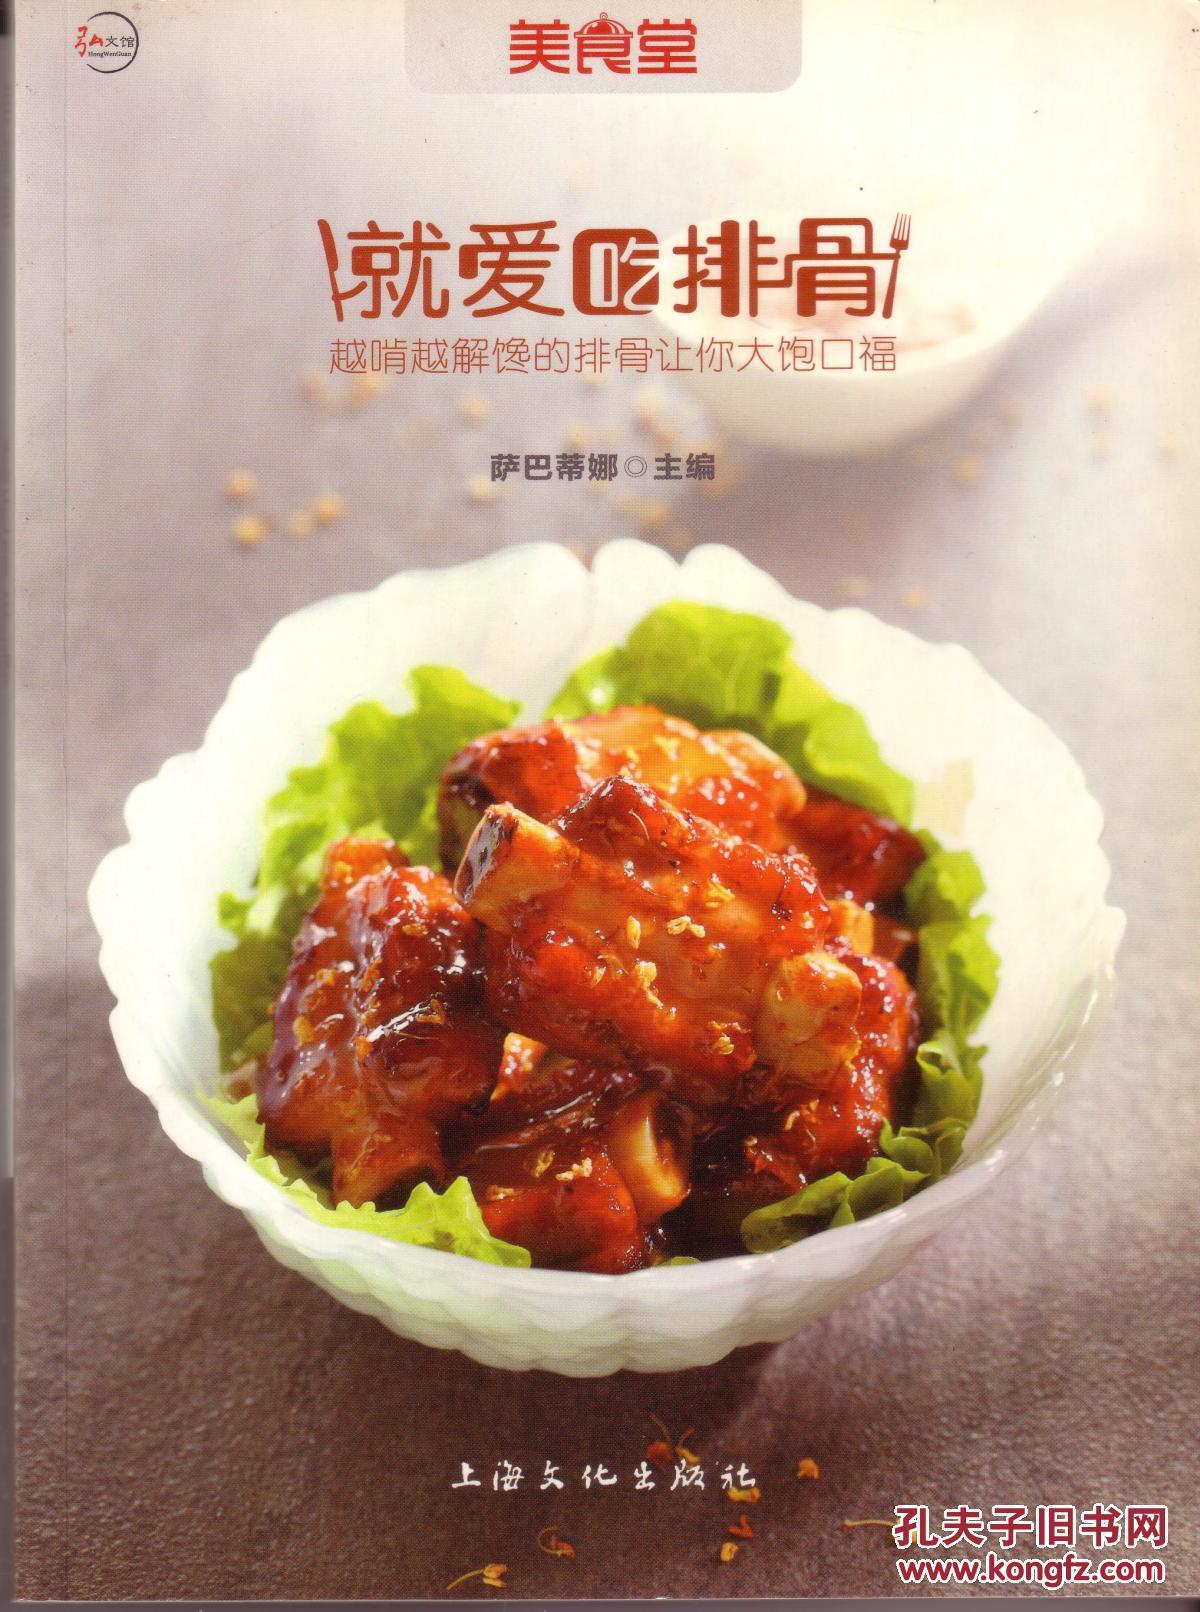 《就爱吃排骨--越啃越解馋的猪肉让你大饱大全广东头菜蒸排骨的口福做法家常图片